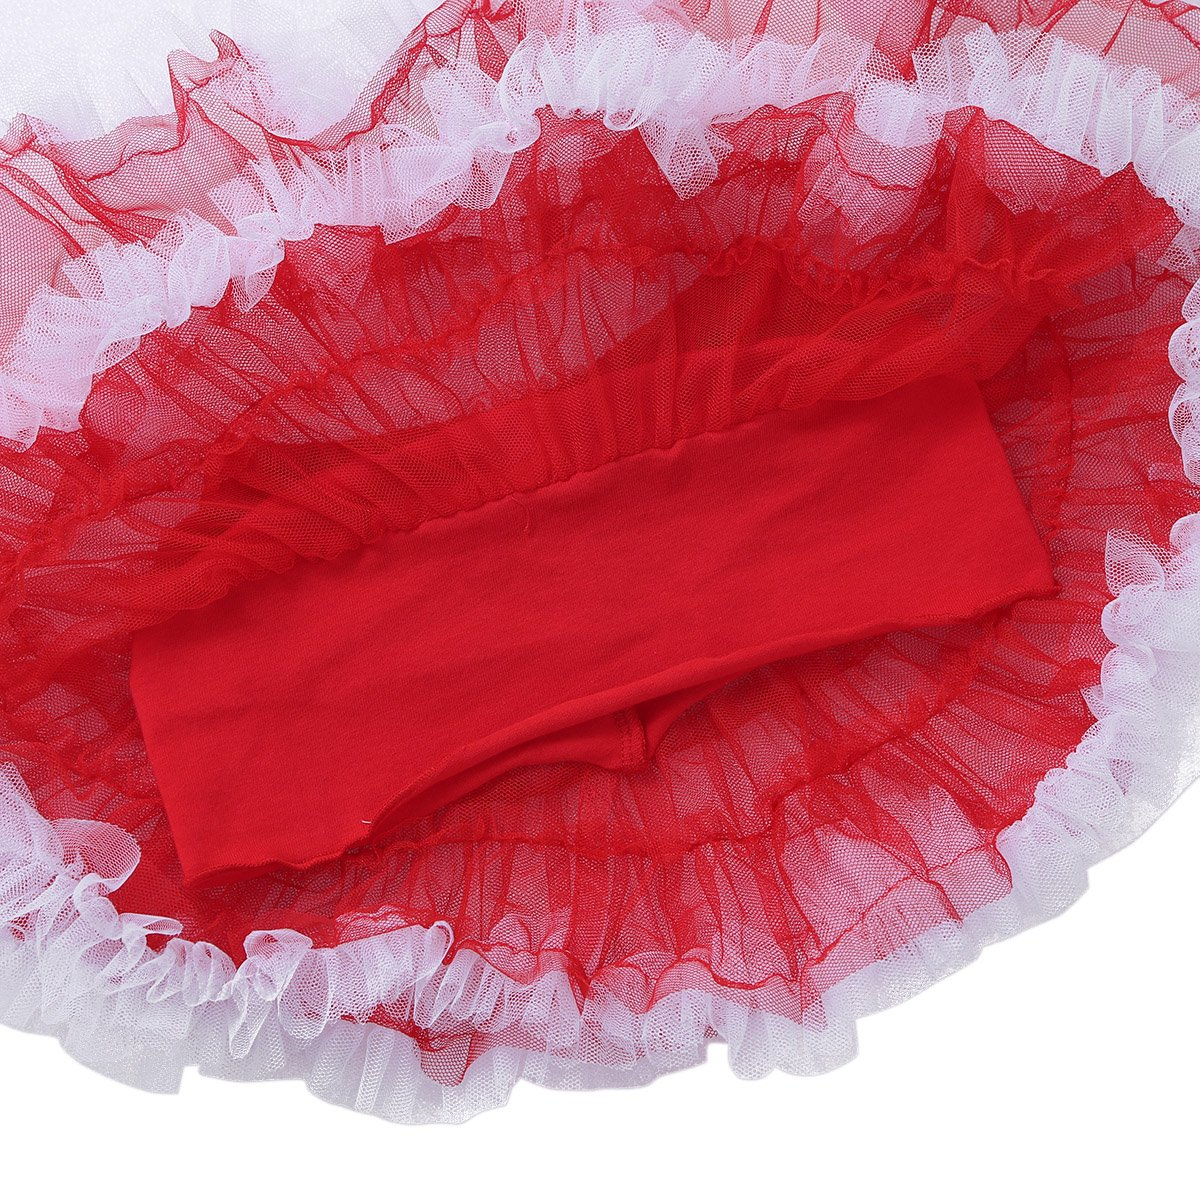 iEFiEL Costume No/ël B/éb/é Fille Ensembles Barboteuse 3 mois, Rouge Bandeaux Cheveux V/êtements Enfant 3-18 Mois